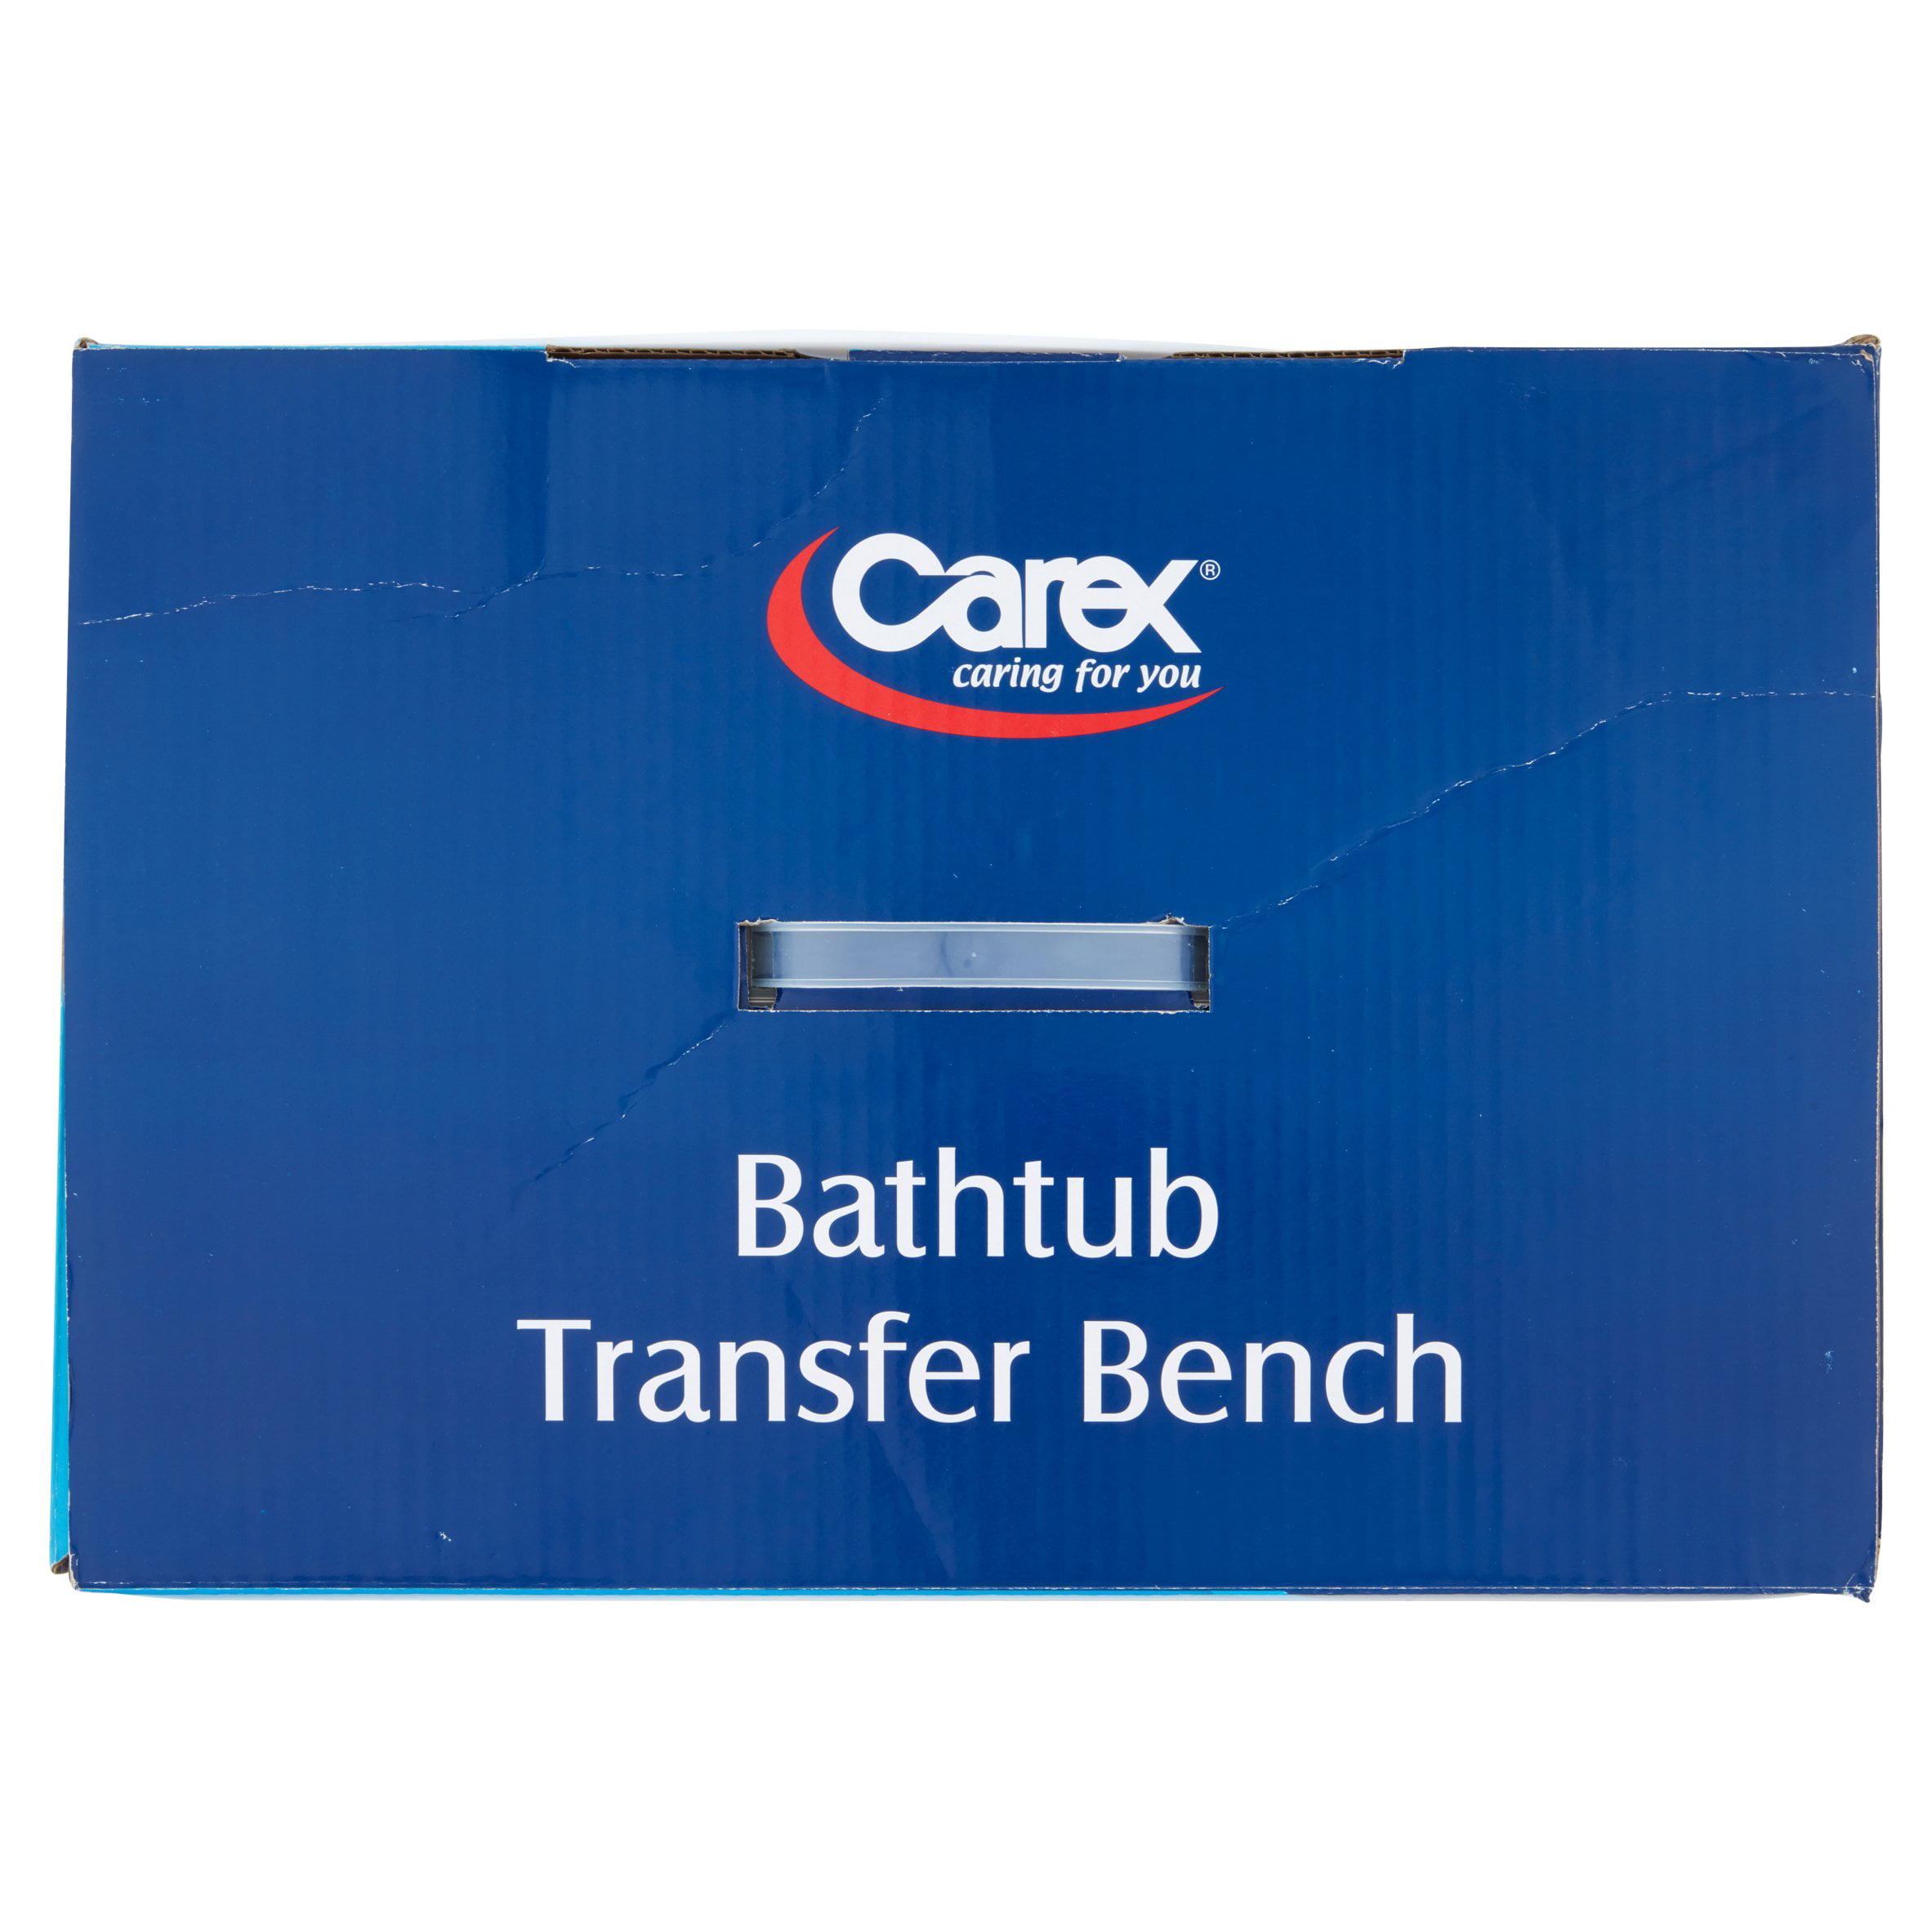 Carex Transfer Bench - Walmart.com